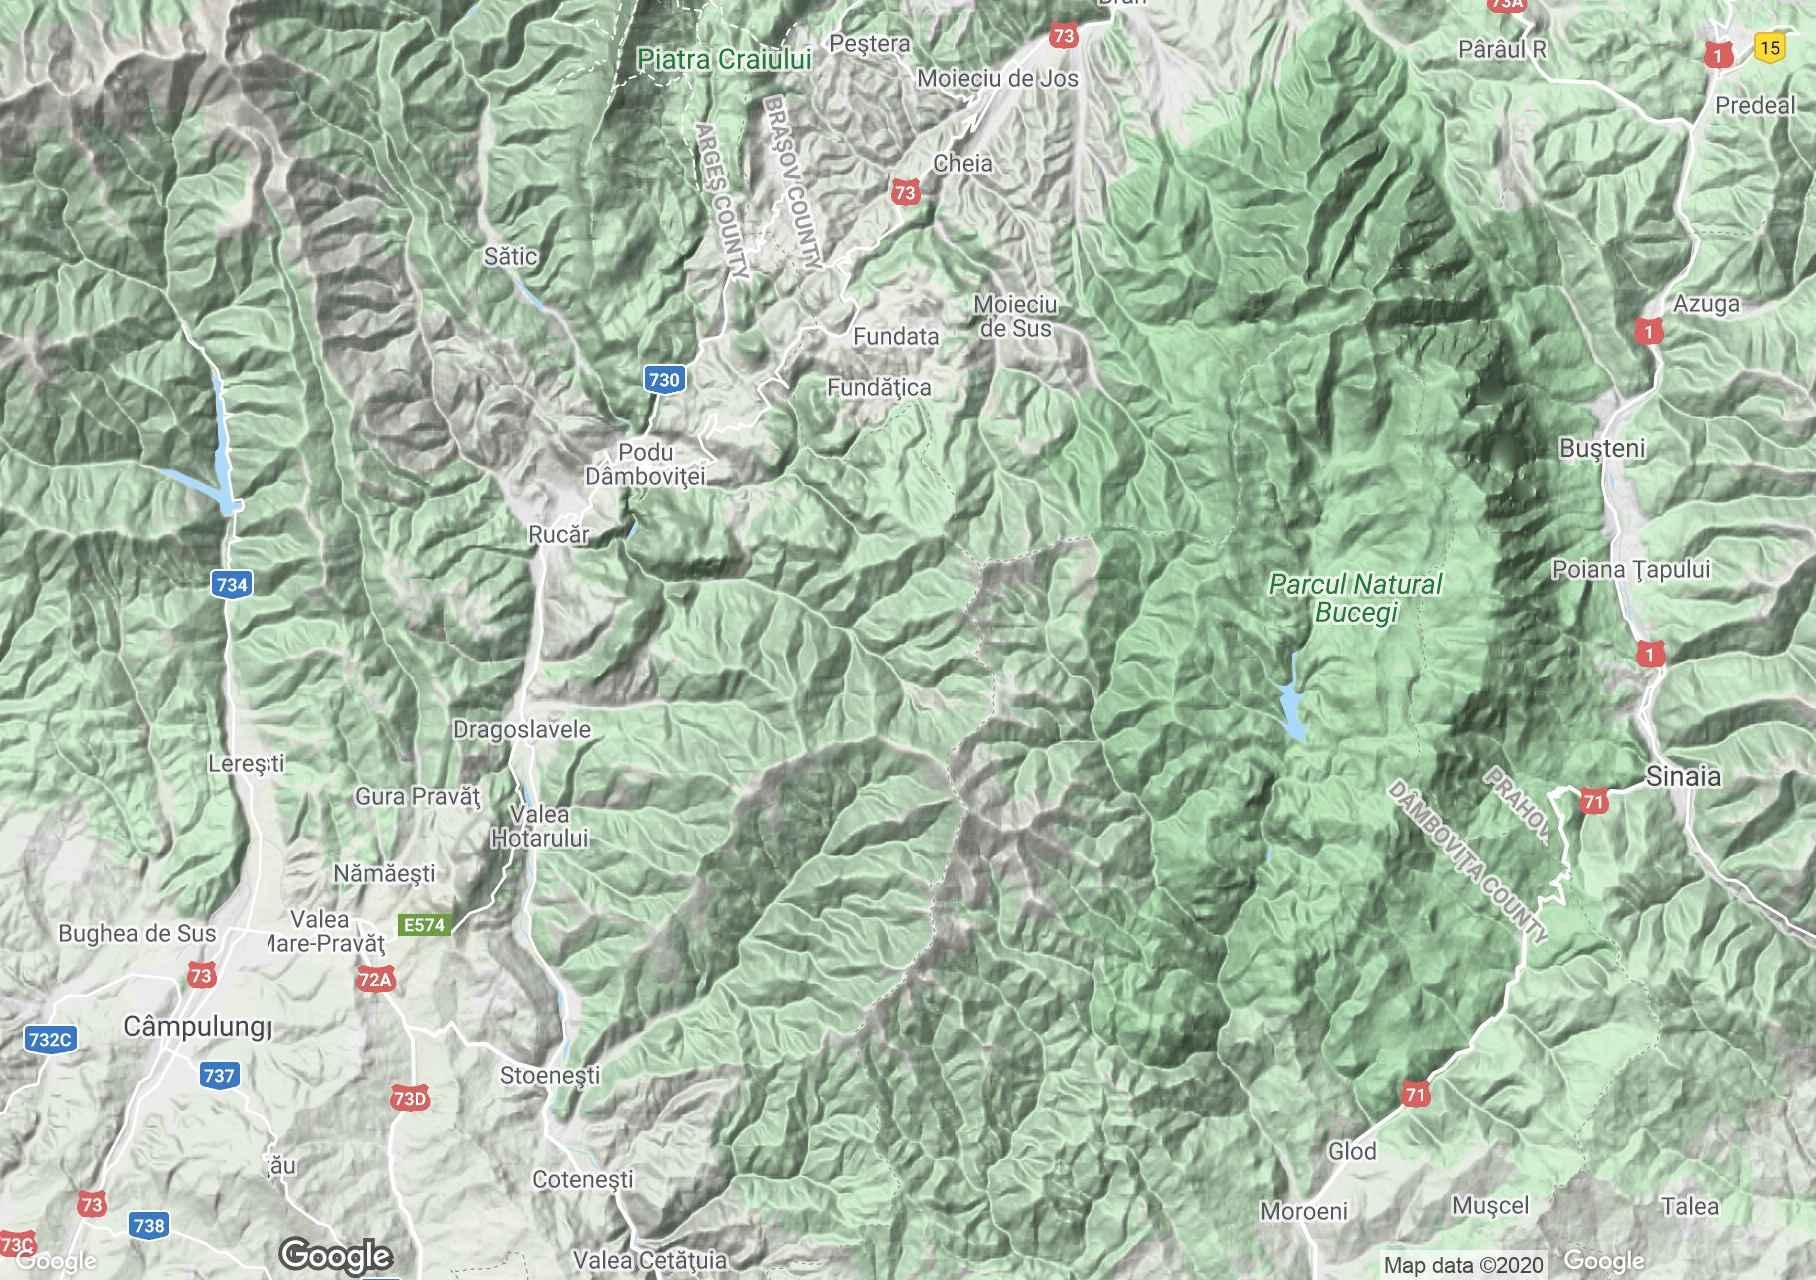 Munţii Leaotă, Harta turistică interactivă